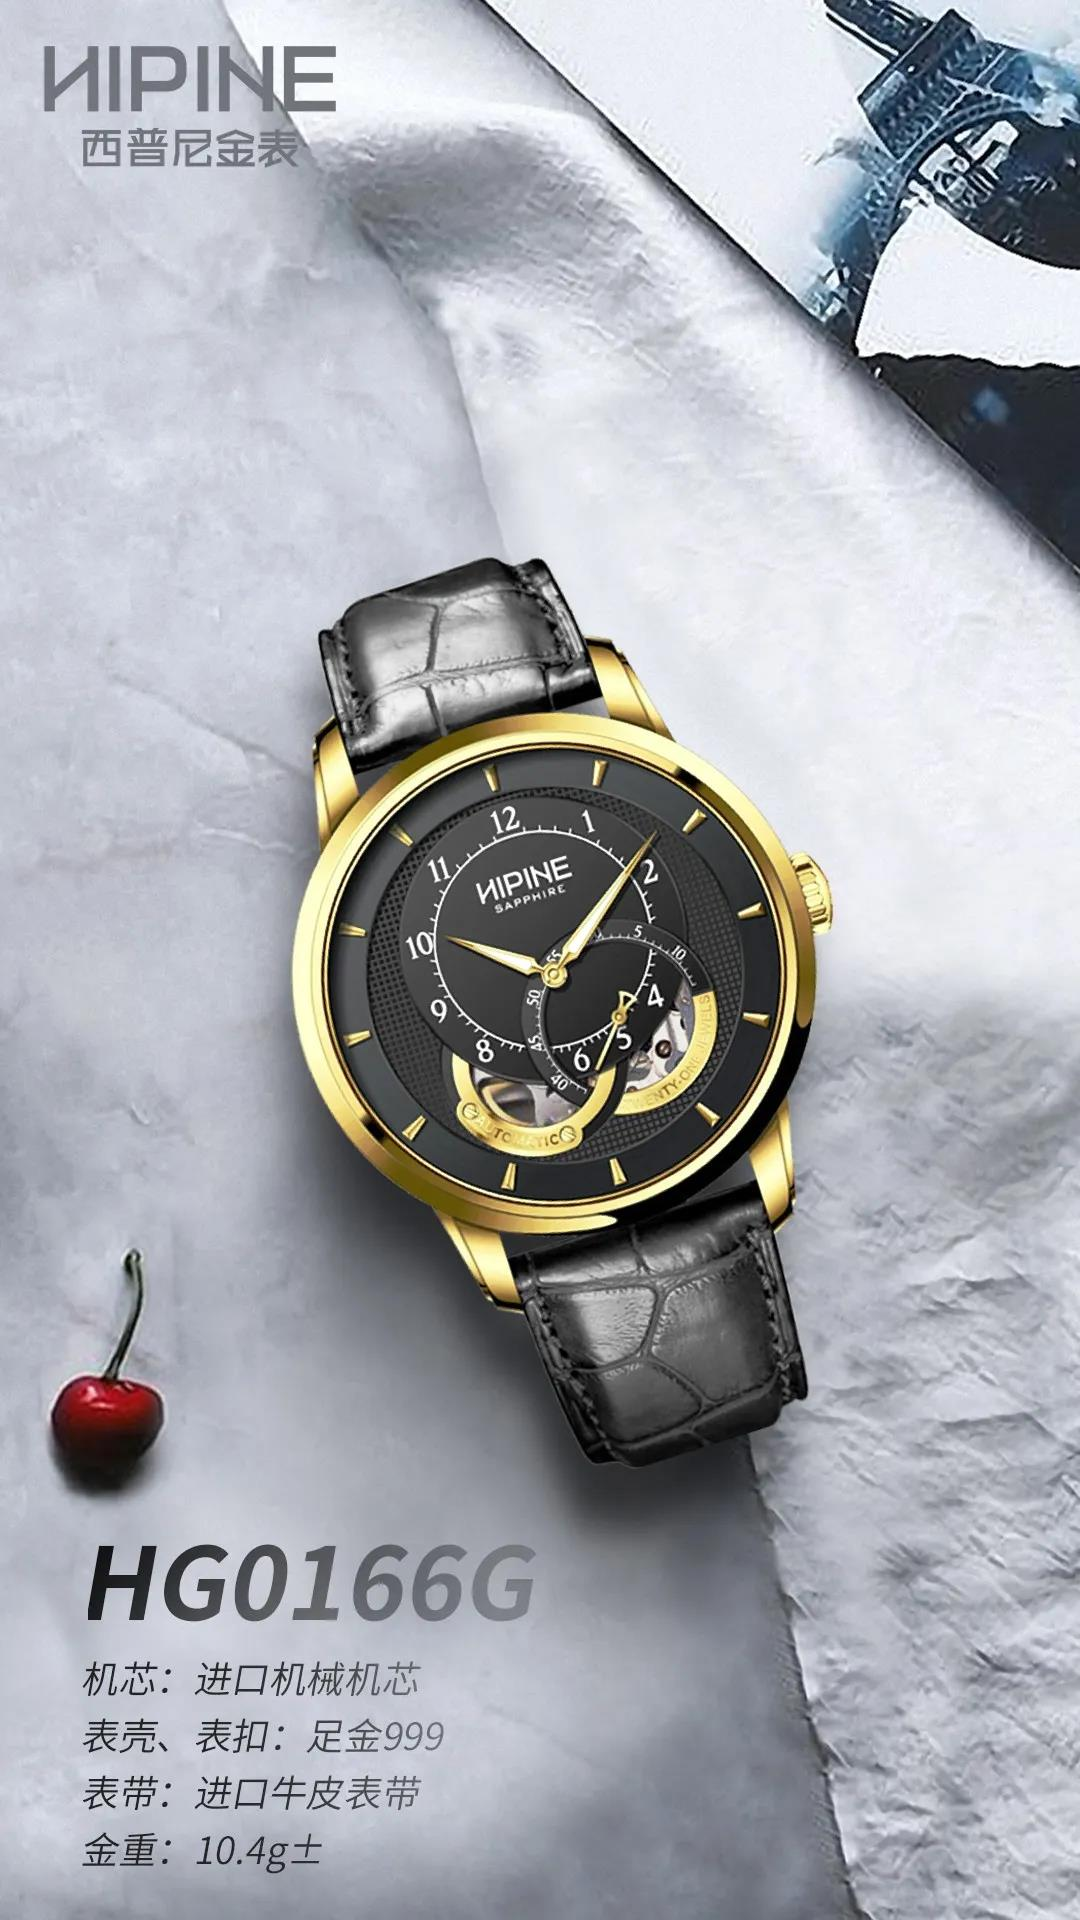 西普尼金表:腕表的六大禁区